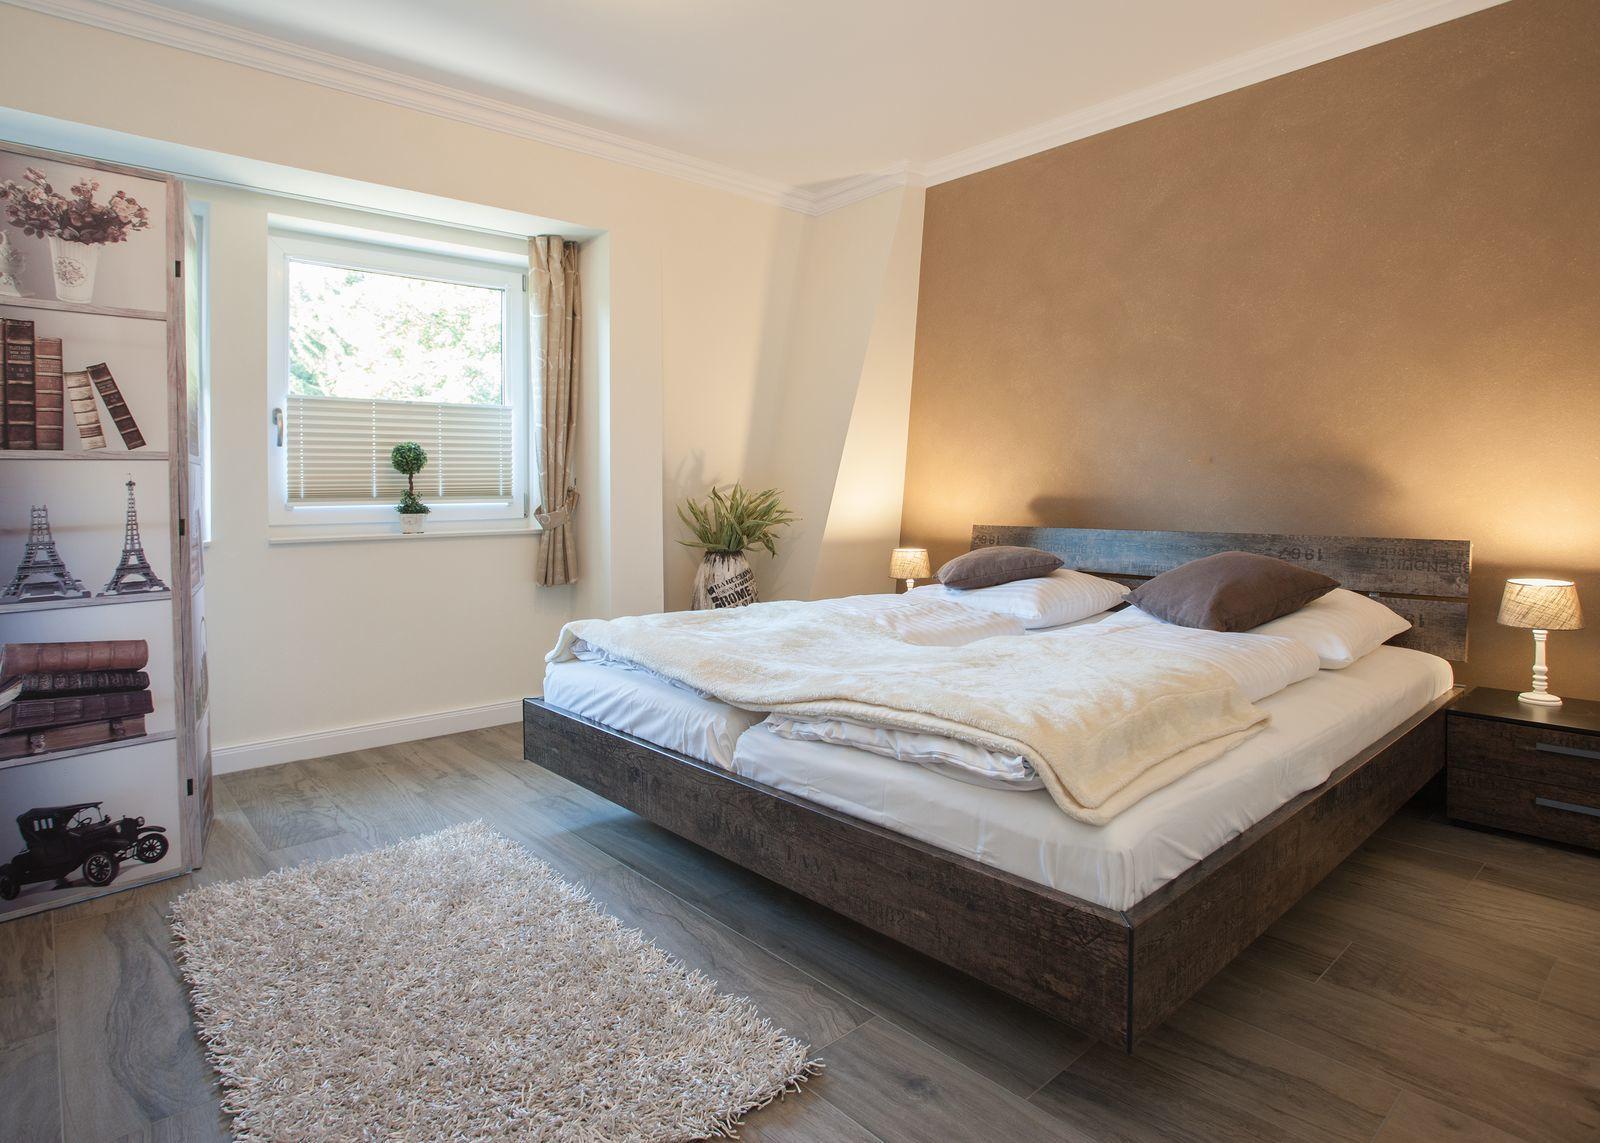 Ferienwohnung - Fichtenweg 31-K Villa Winterberg **** | Winterberg